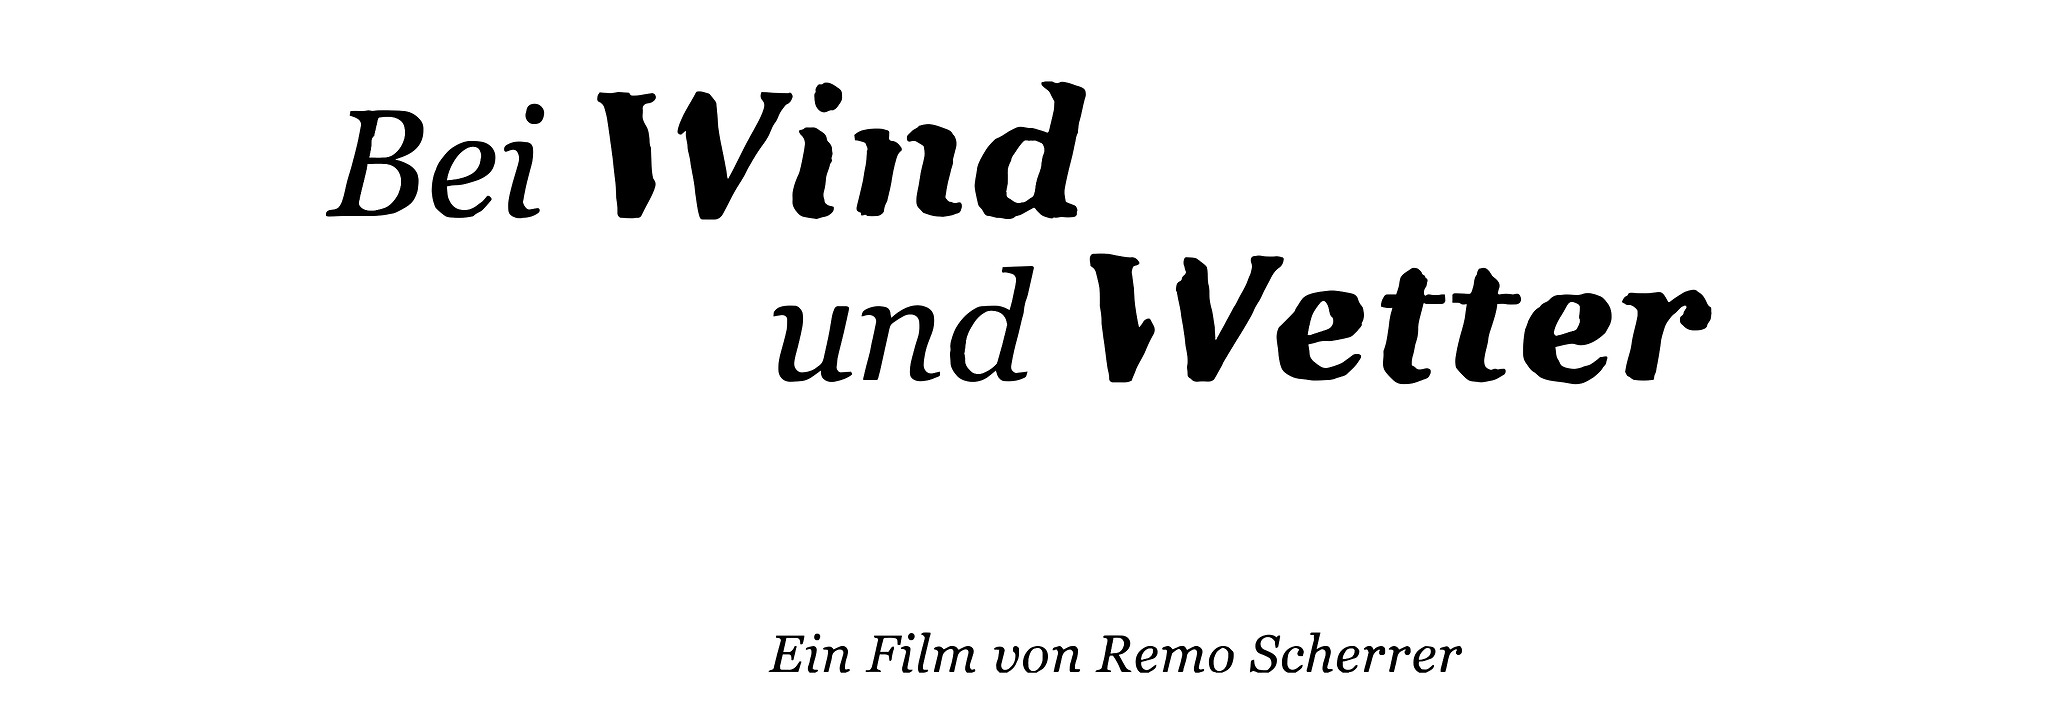 Ein Film von Remo Scherrer